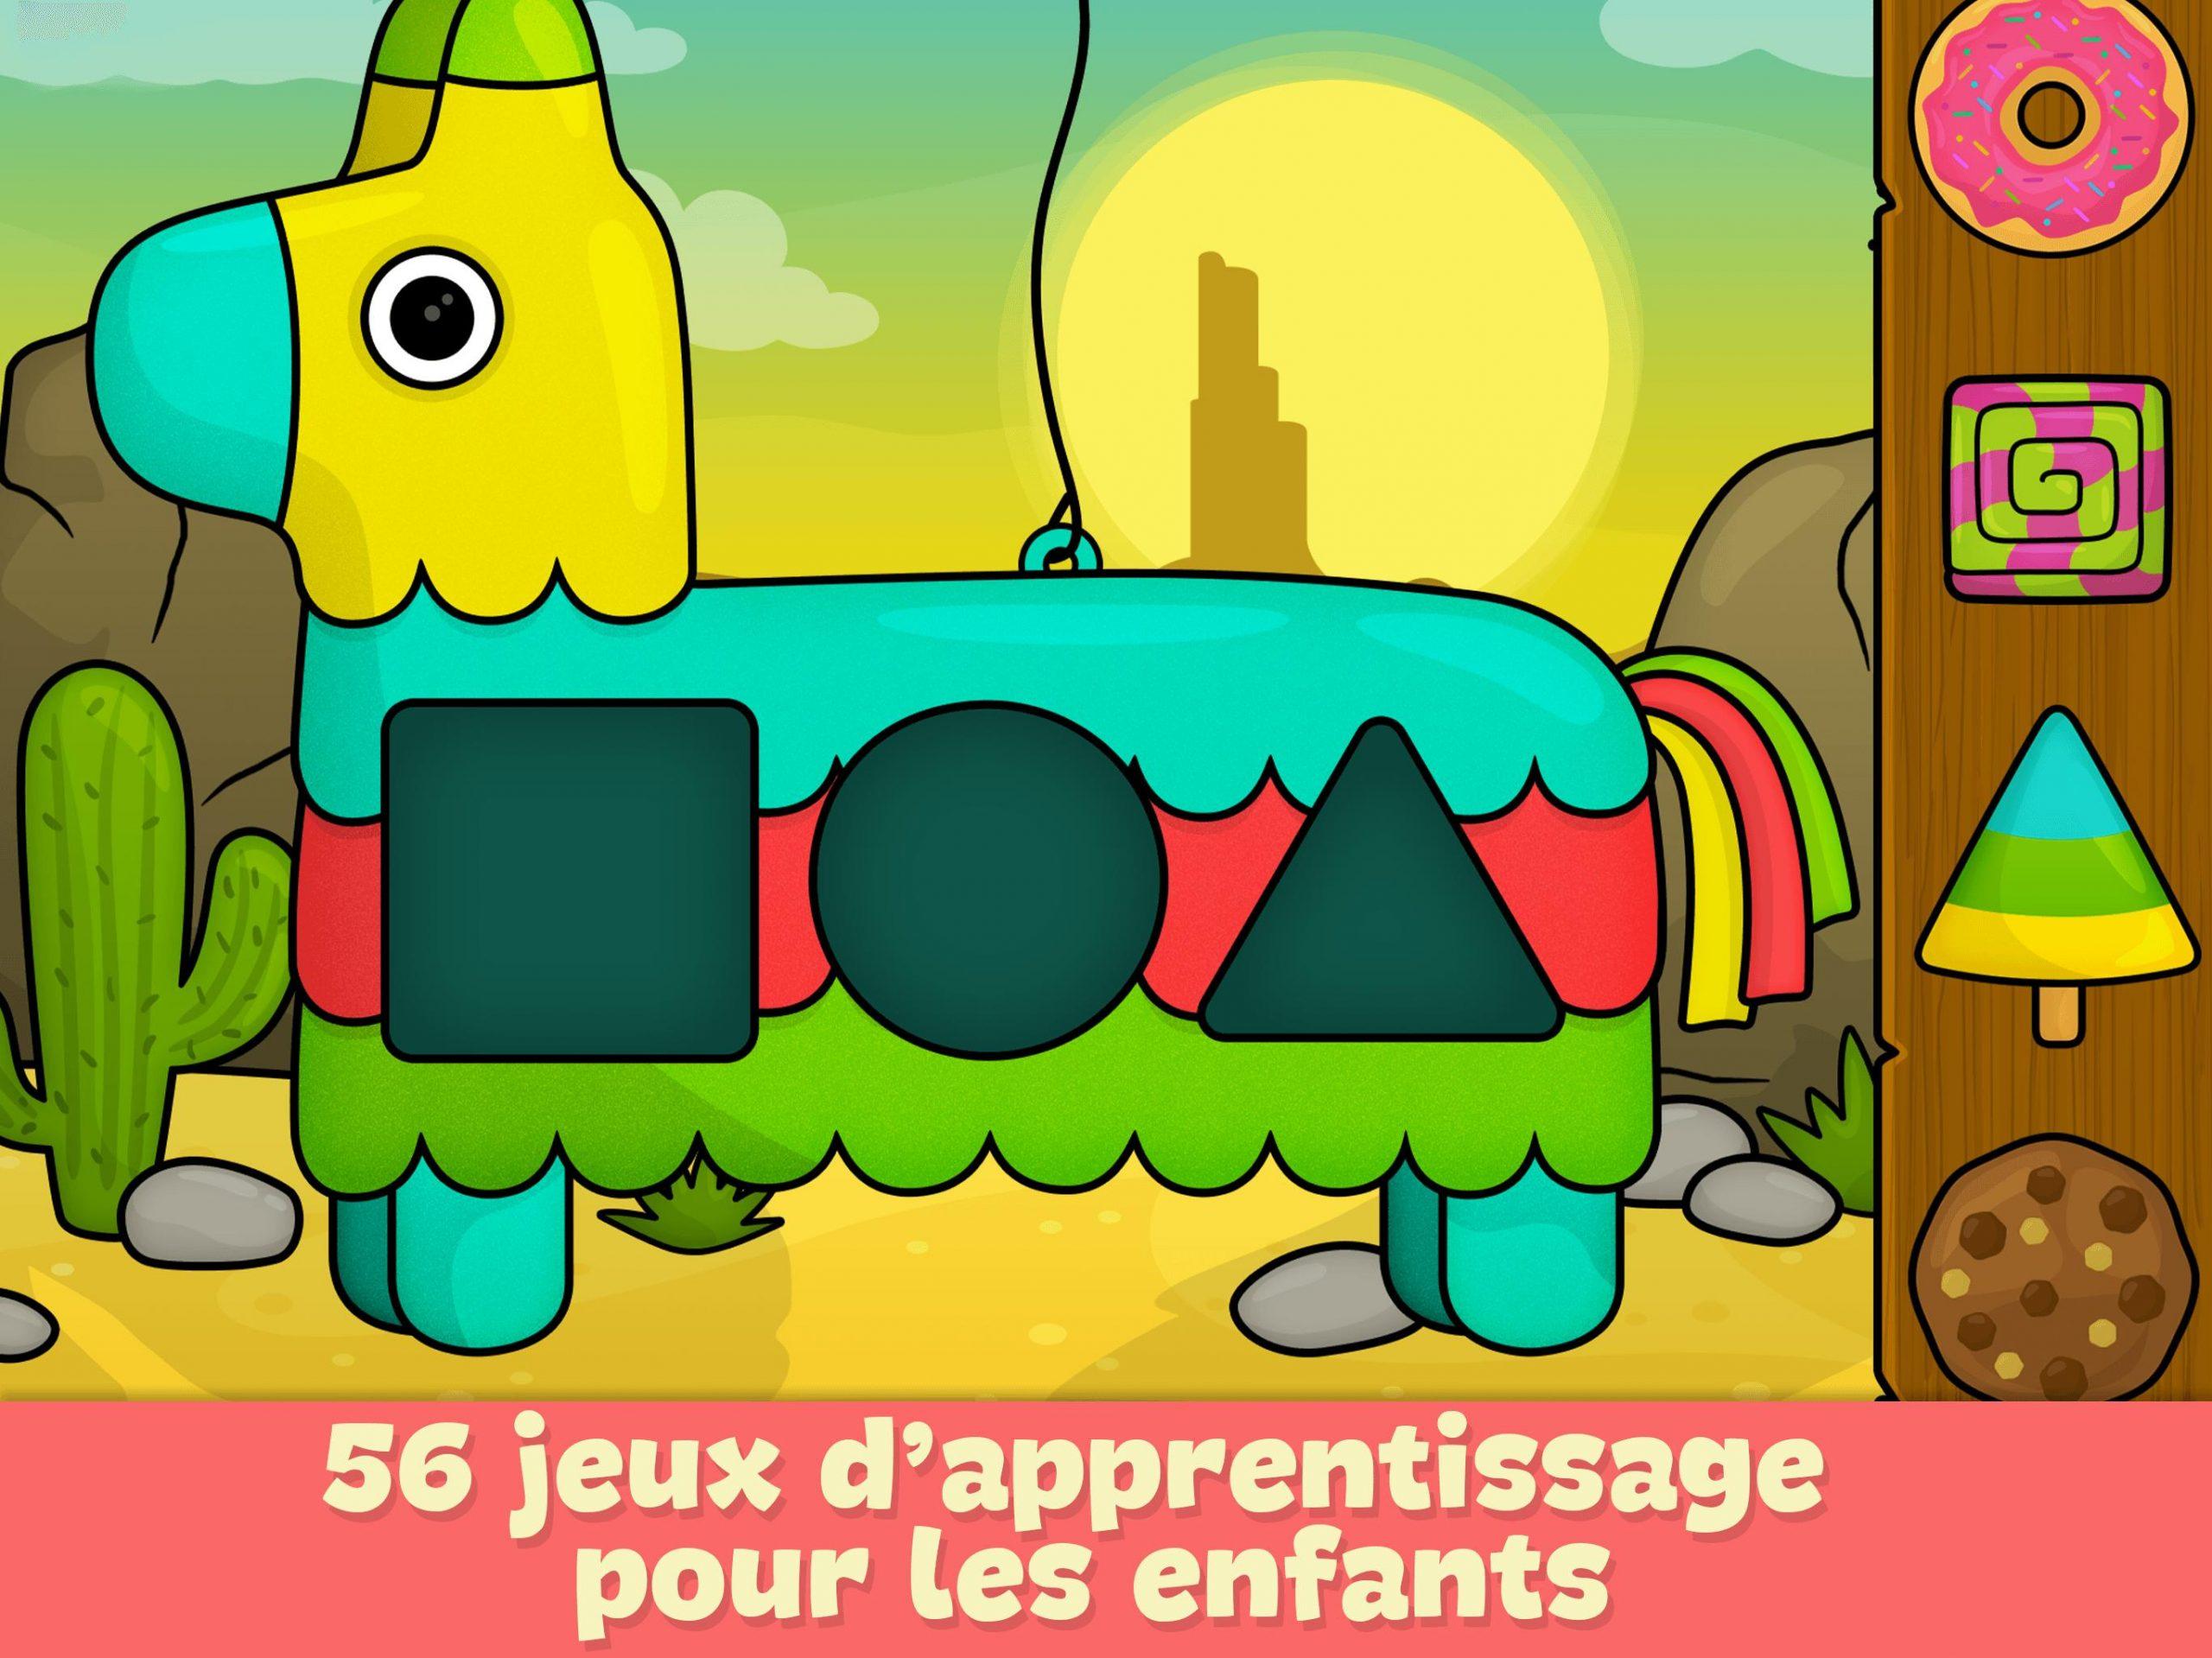 Jeux Pour Enfants 2 - 5 Ans Pour Android - Téléchargez L'apk avec Jeux Gratuits Pour Bebe De 3 Ans